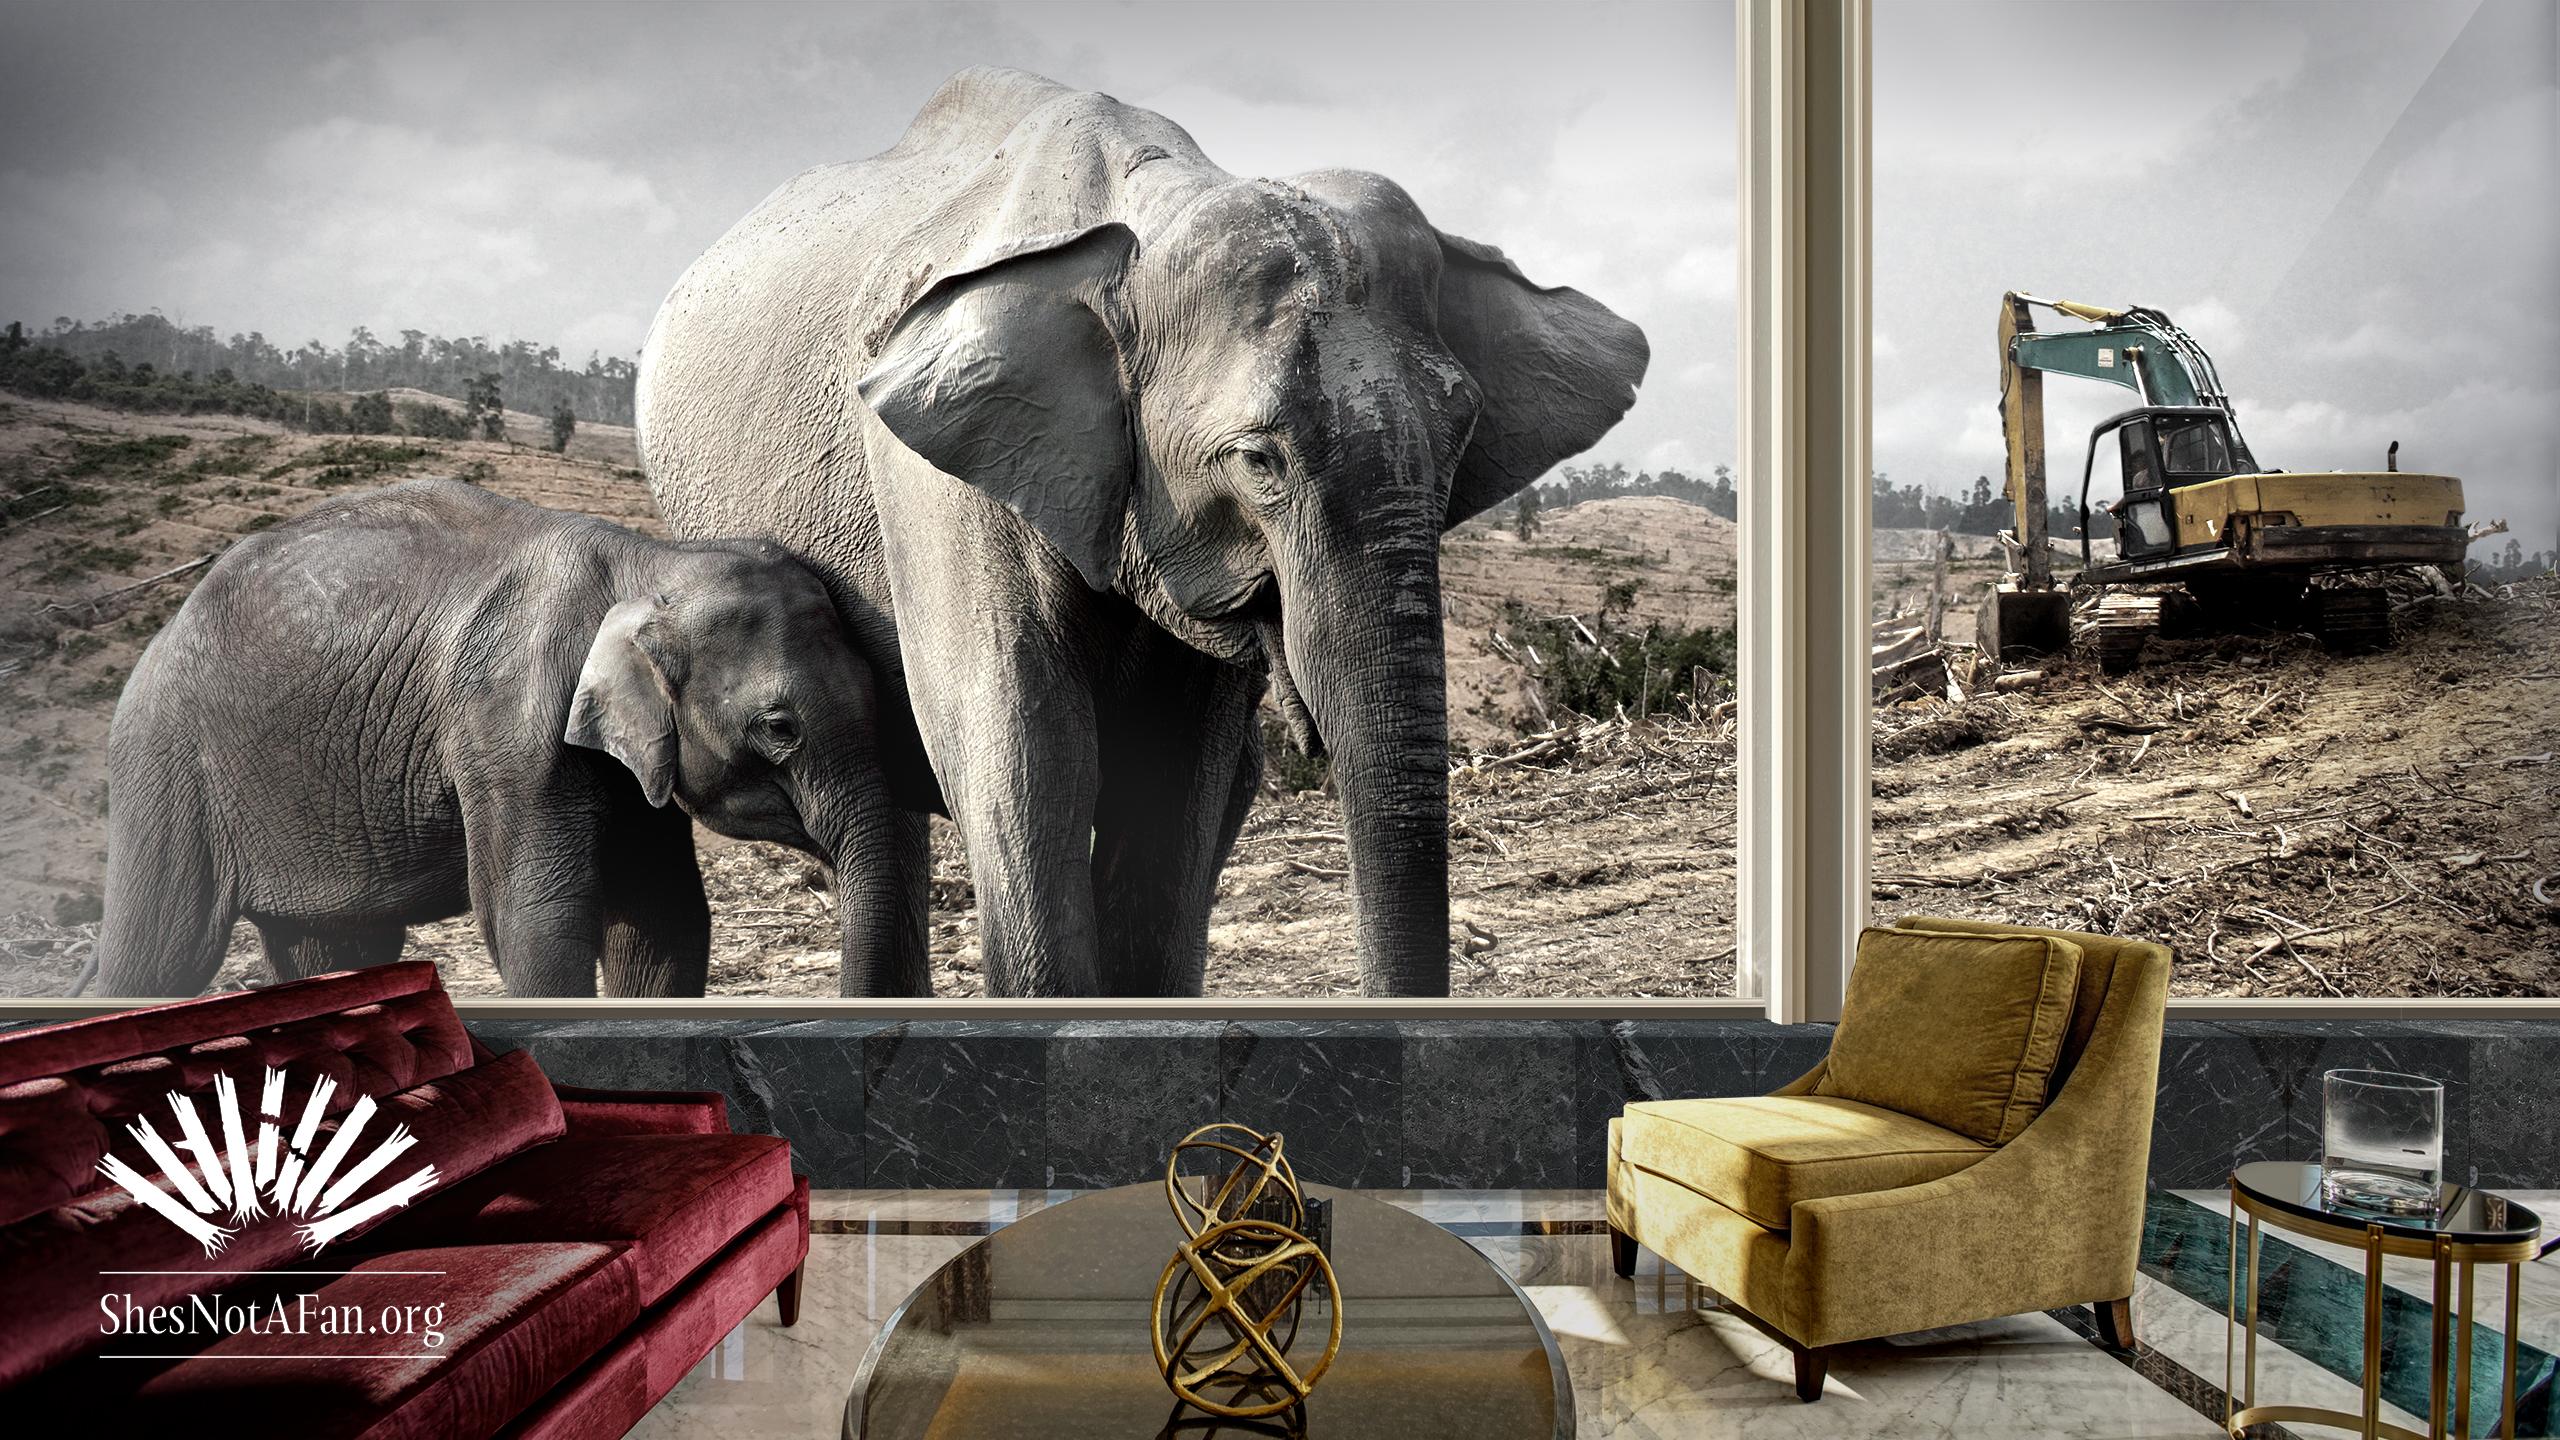 mandarin-elephant-2560x1440-justlogo-elephant2.jpg